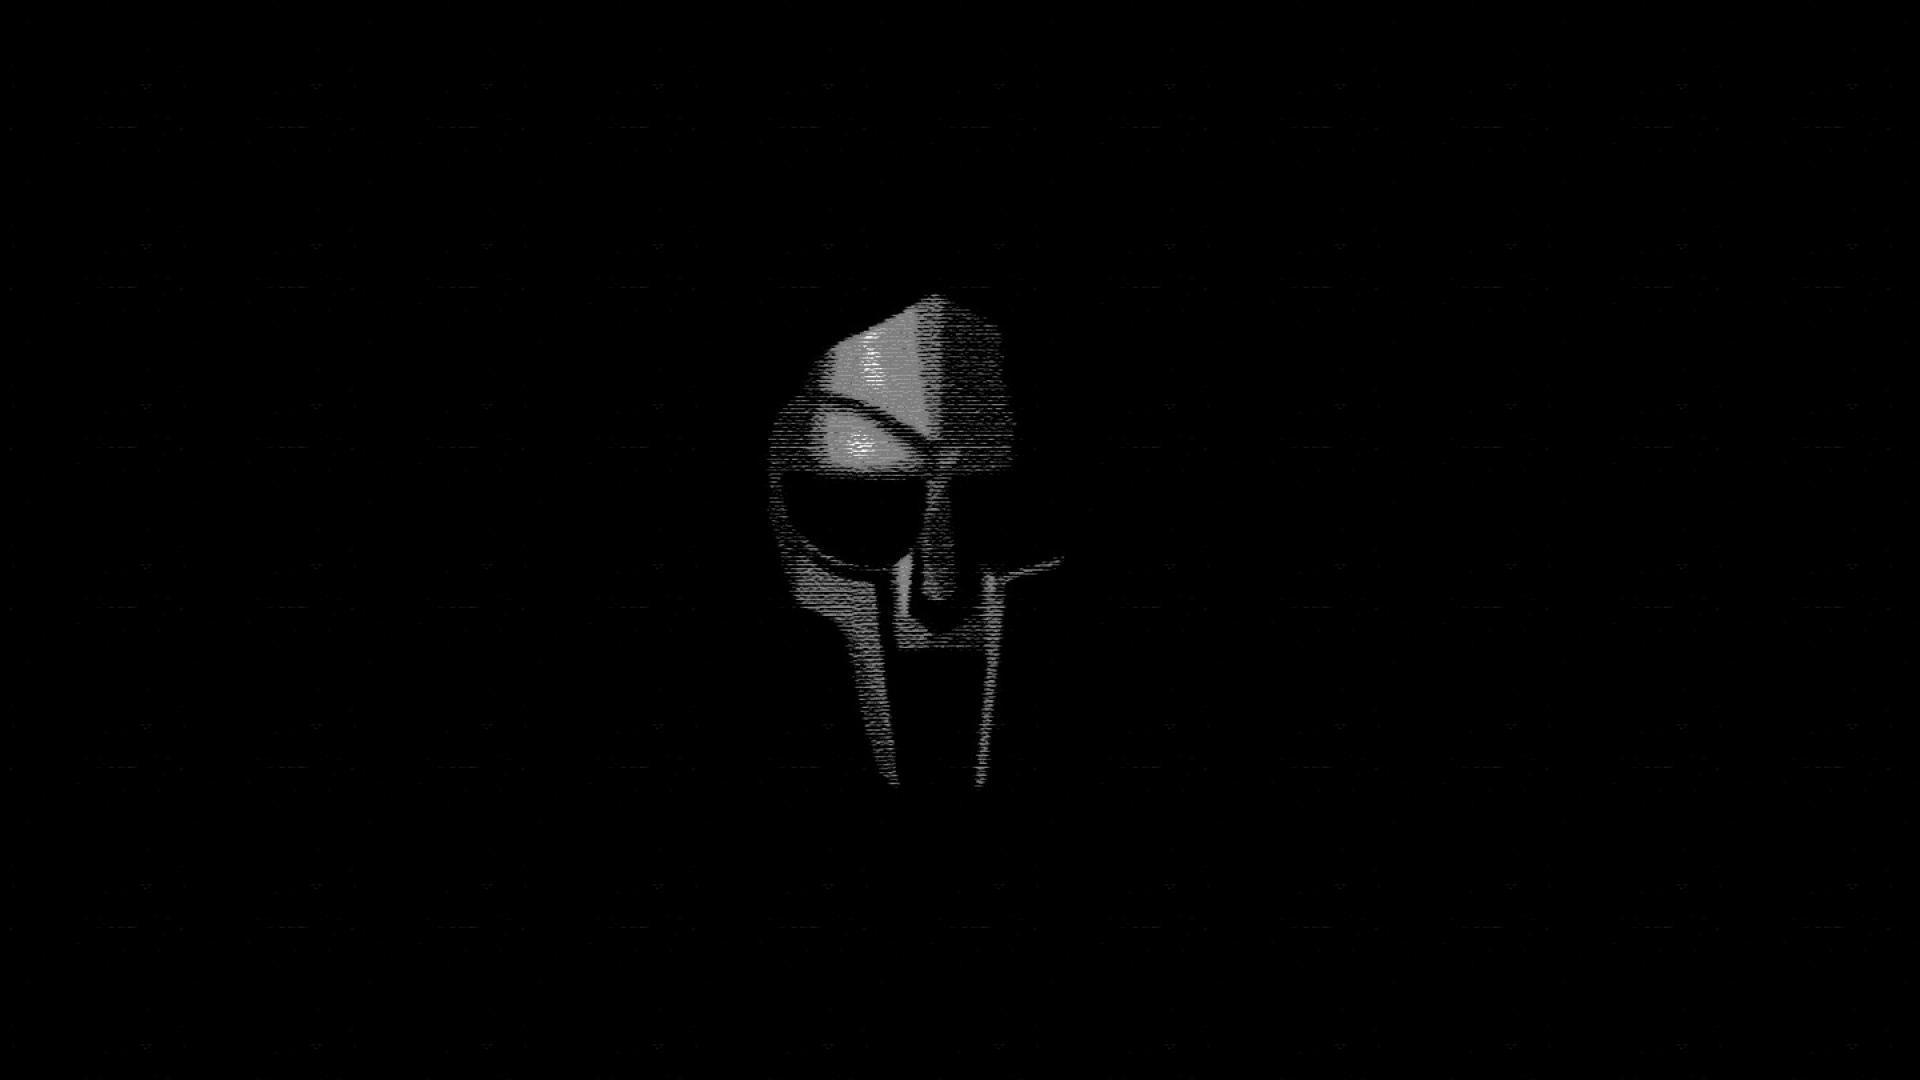 MF Doom Wallpapers - Top Free MF Doom Backgrounds